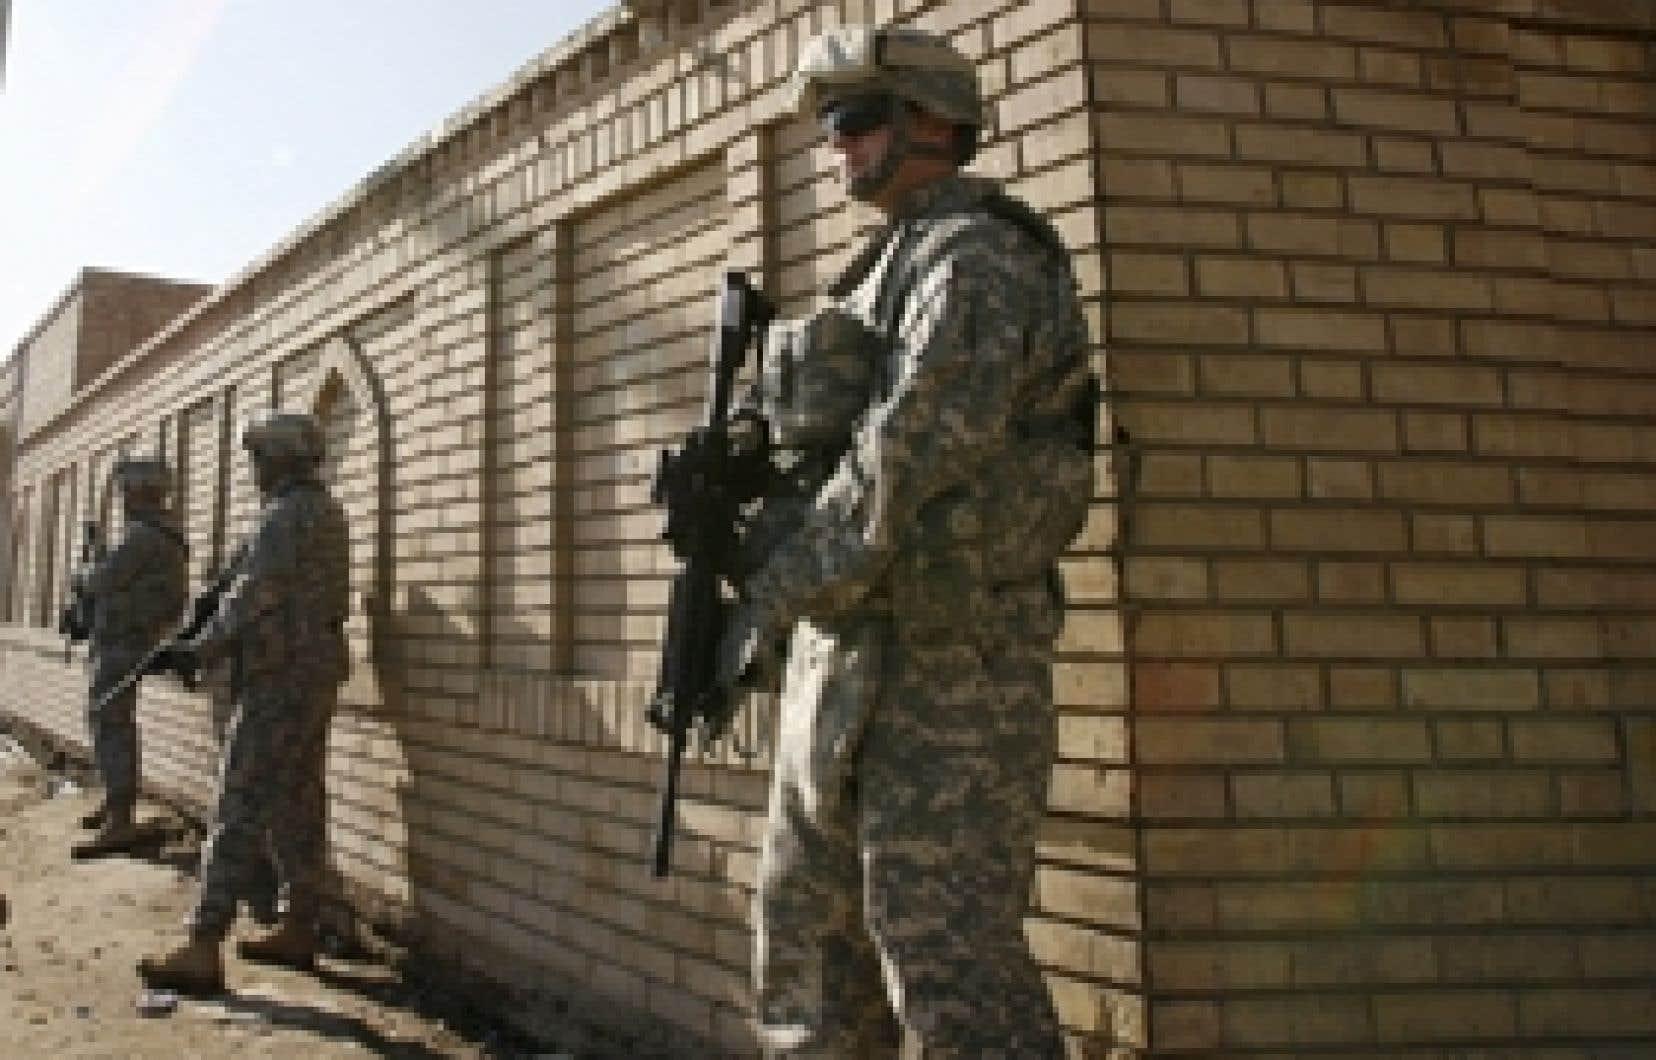 La présence d'une armée d'occupation est inacceptable aux yeux de très nombreux Irakiens.